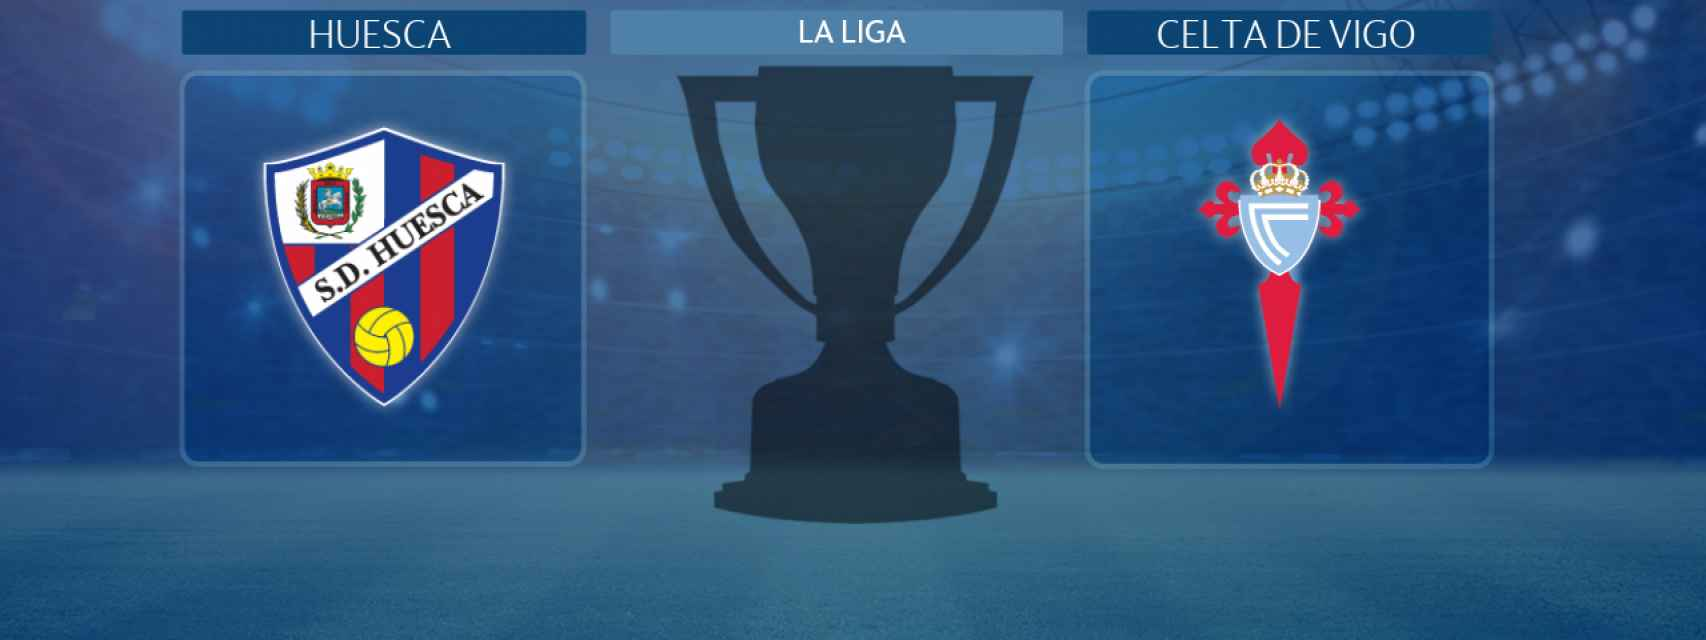 Huesca - Celta de Vigo, partido de La Liga